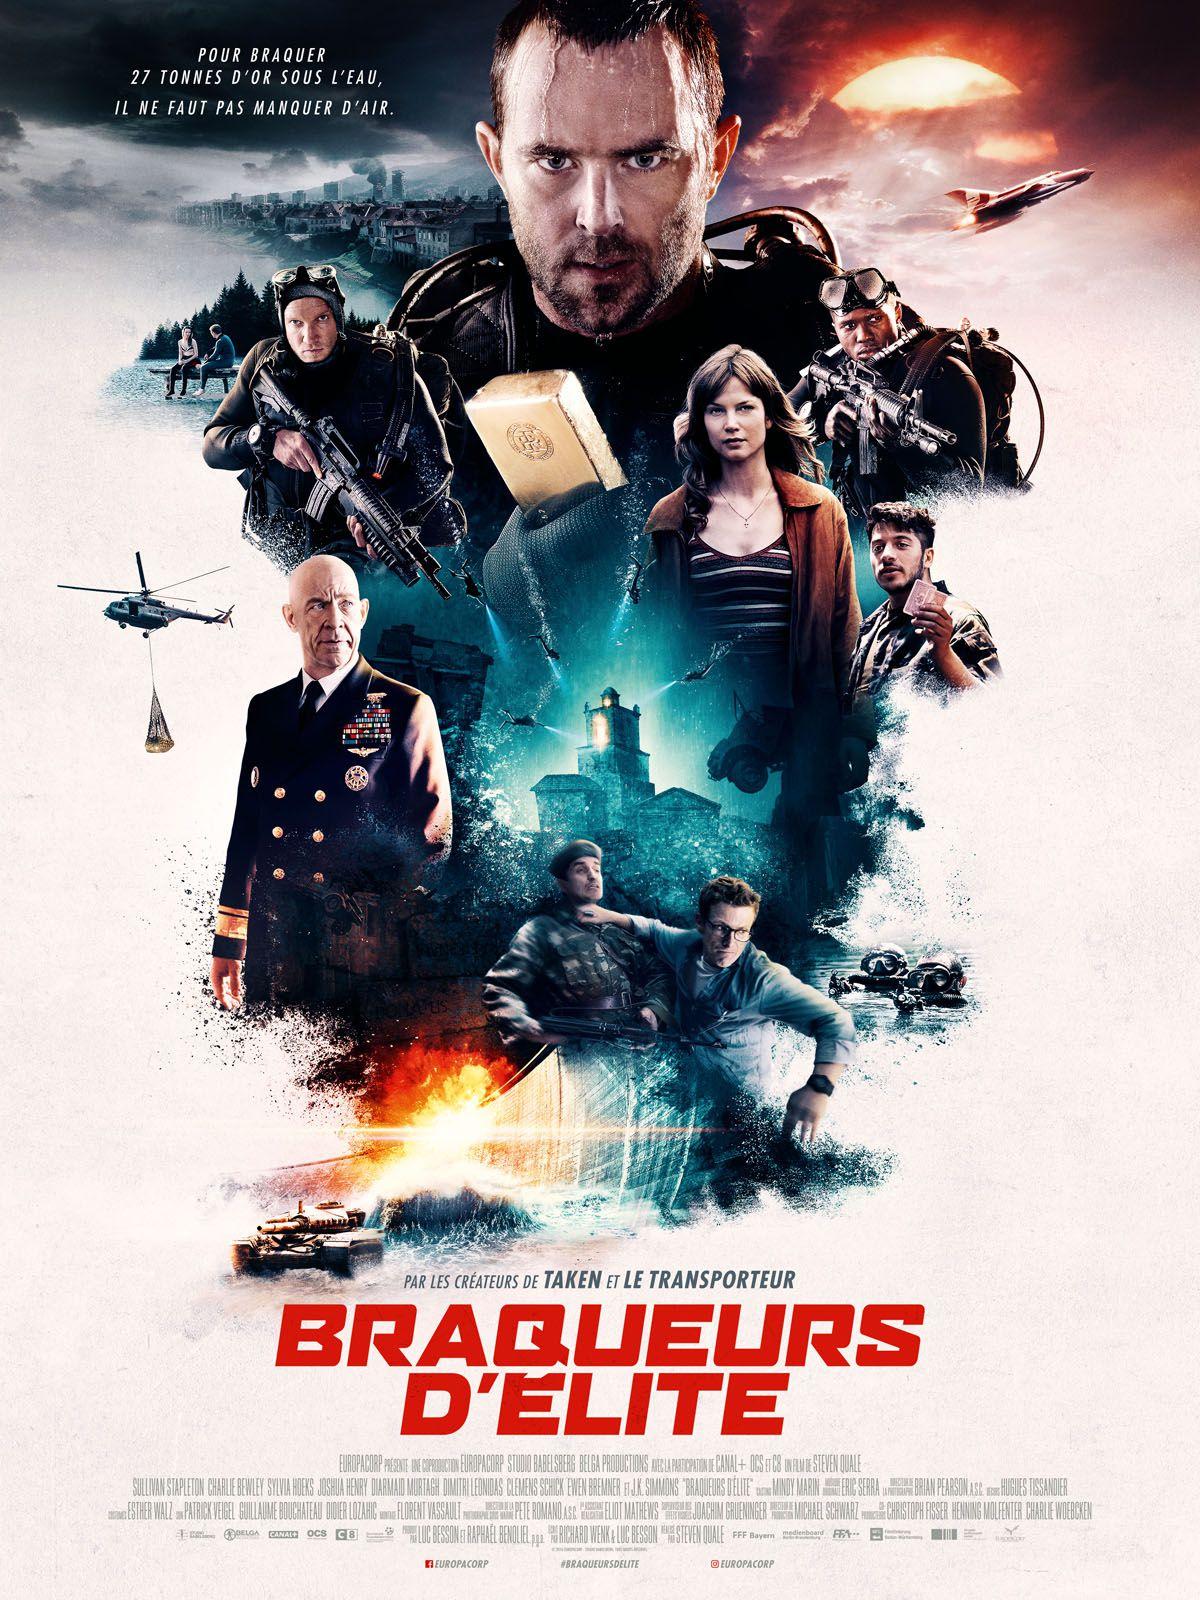 Braqueurs d'élite - Film (2018)